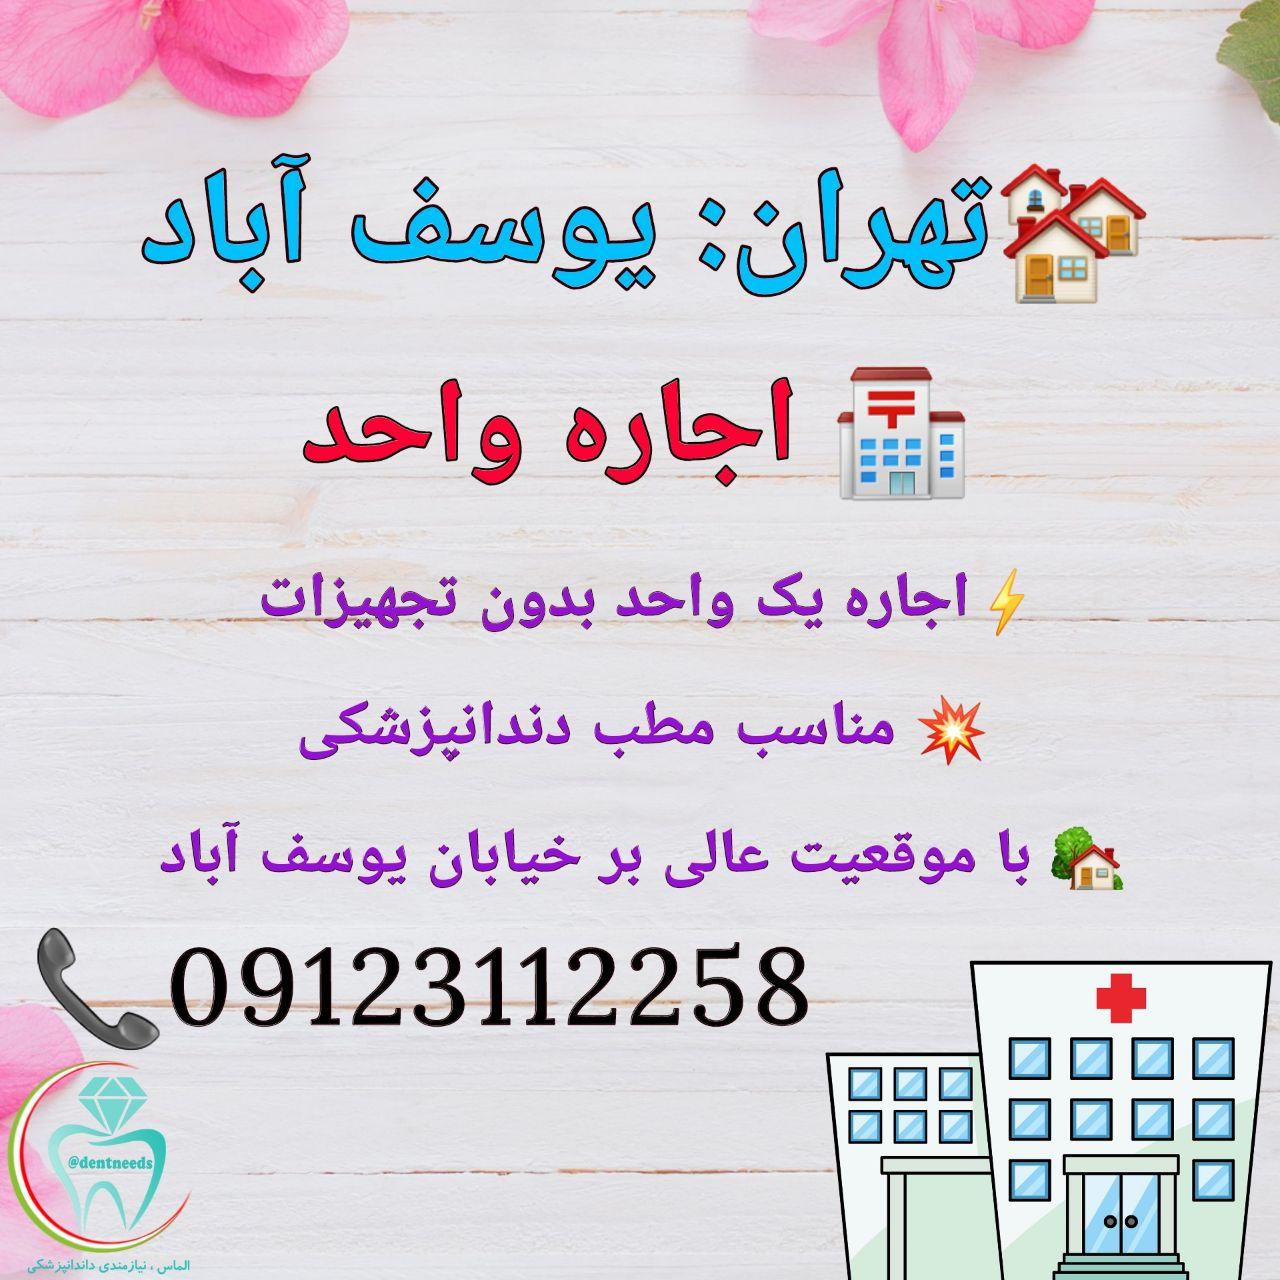 تهران: یوسف آباد، اجاره واحد